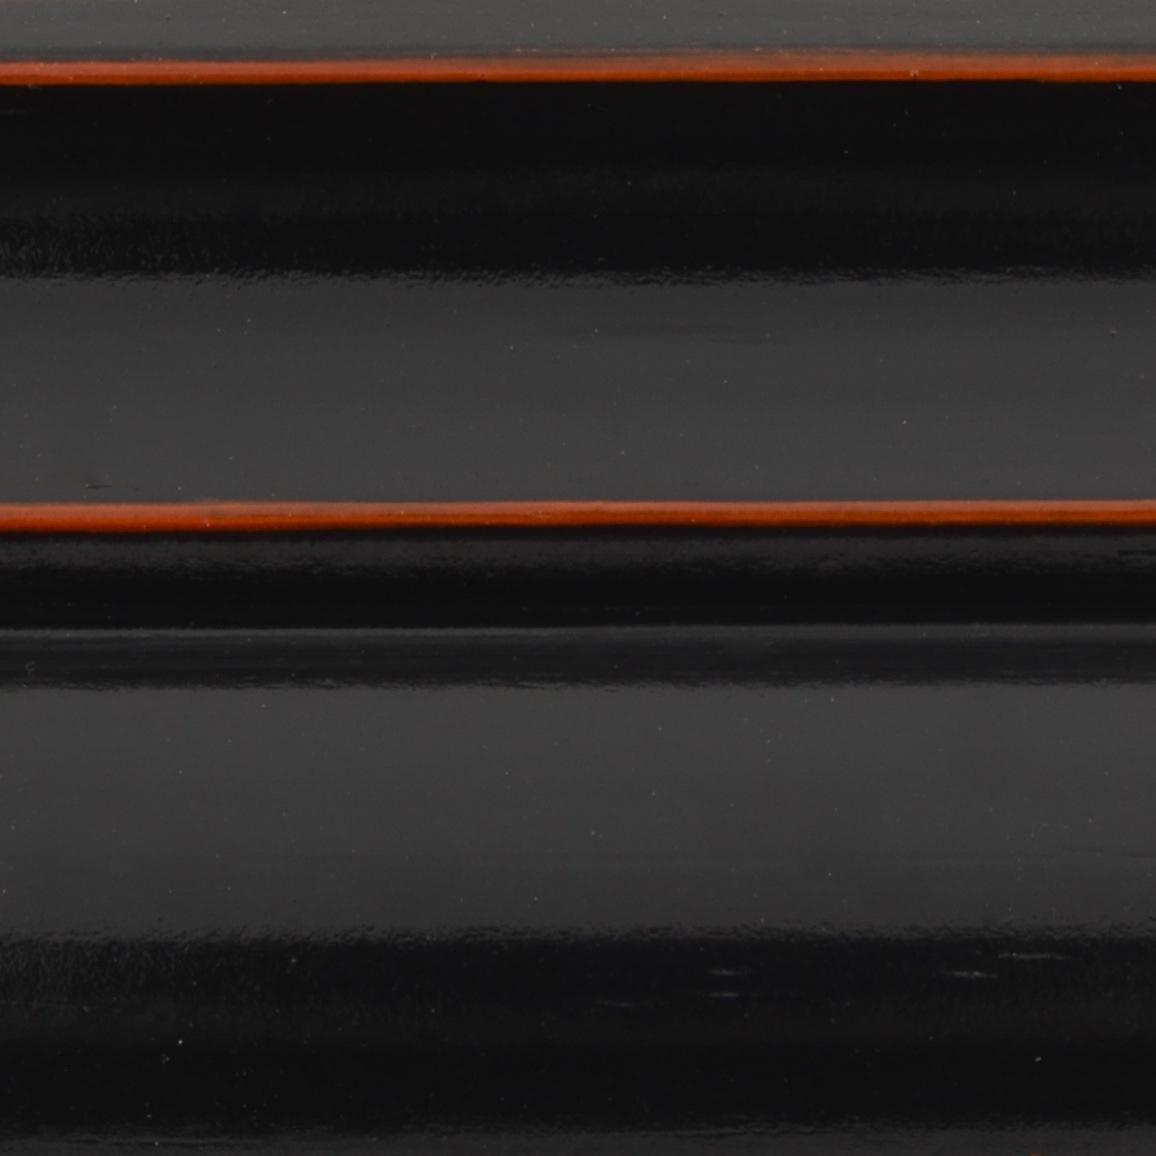 Black Japanned over Orange